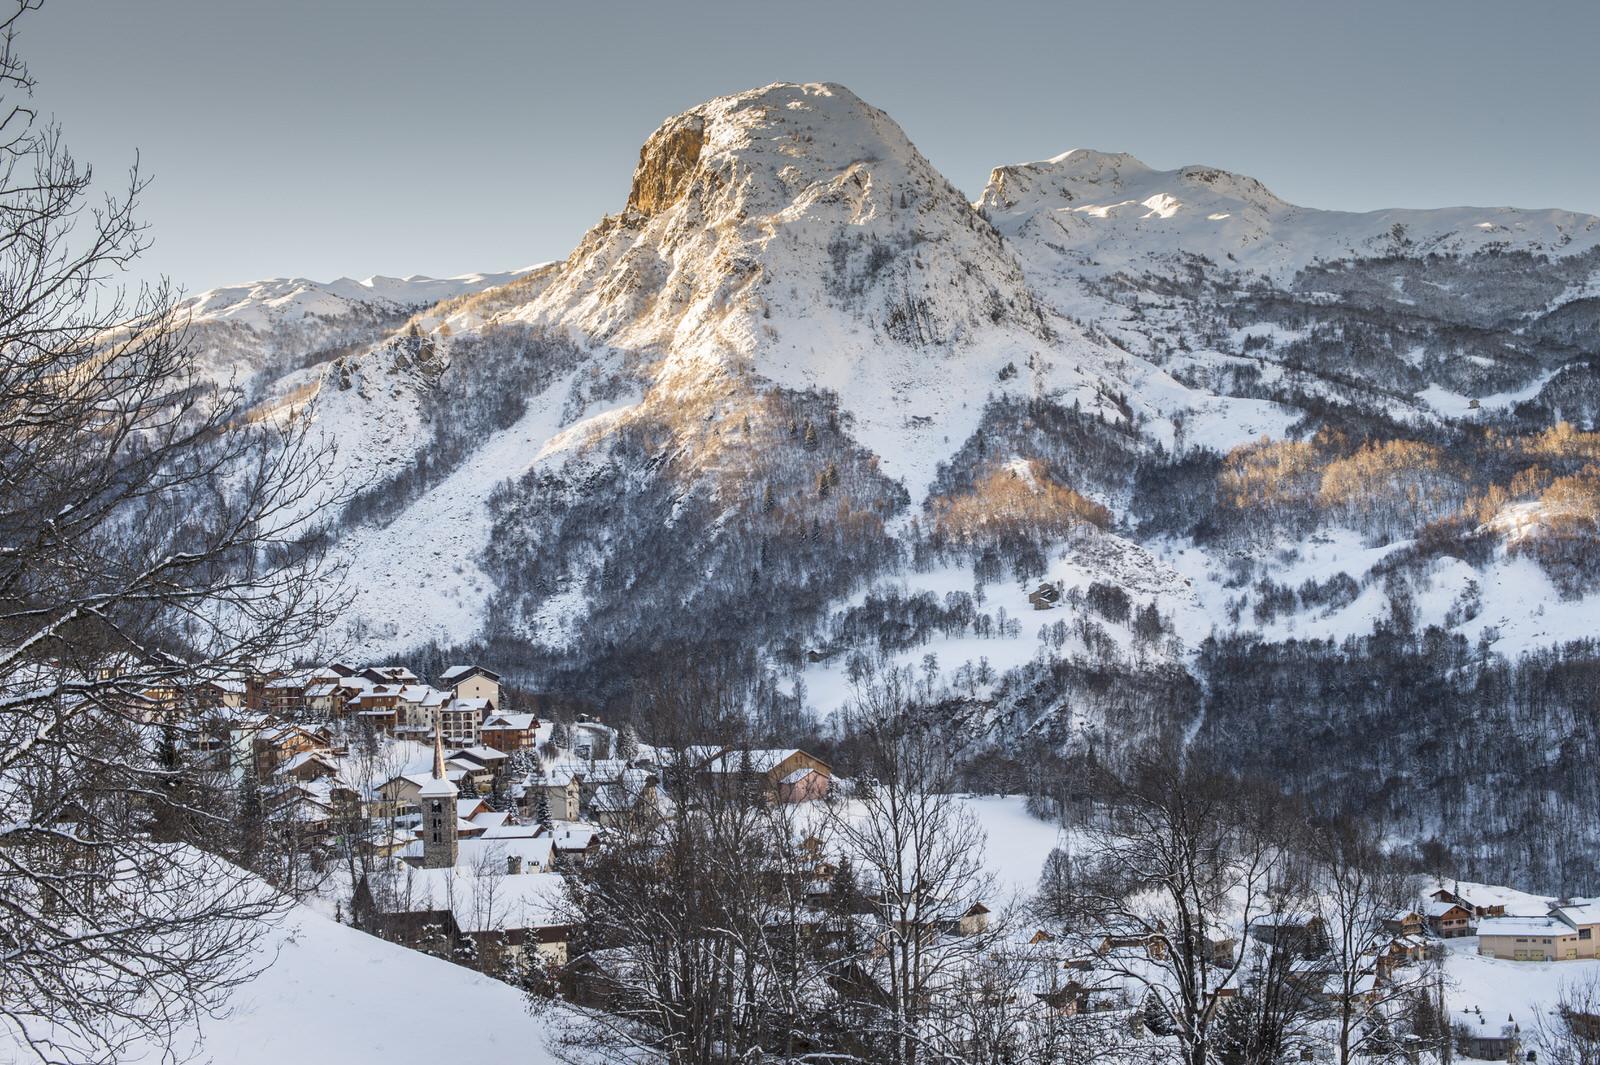 Le village de Saint-Martin-de-Belleville : vue du village